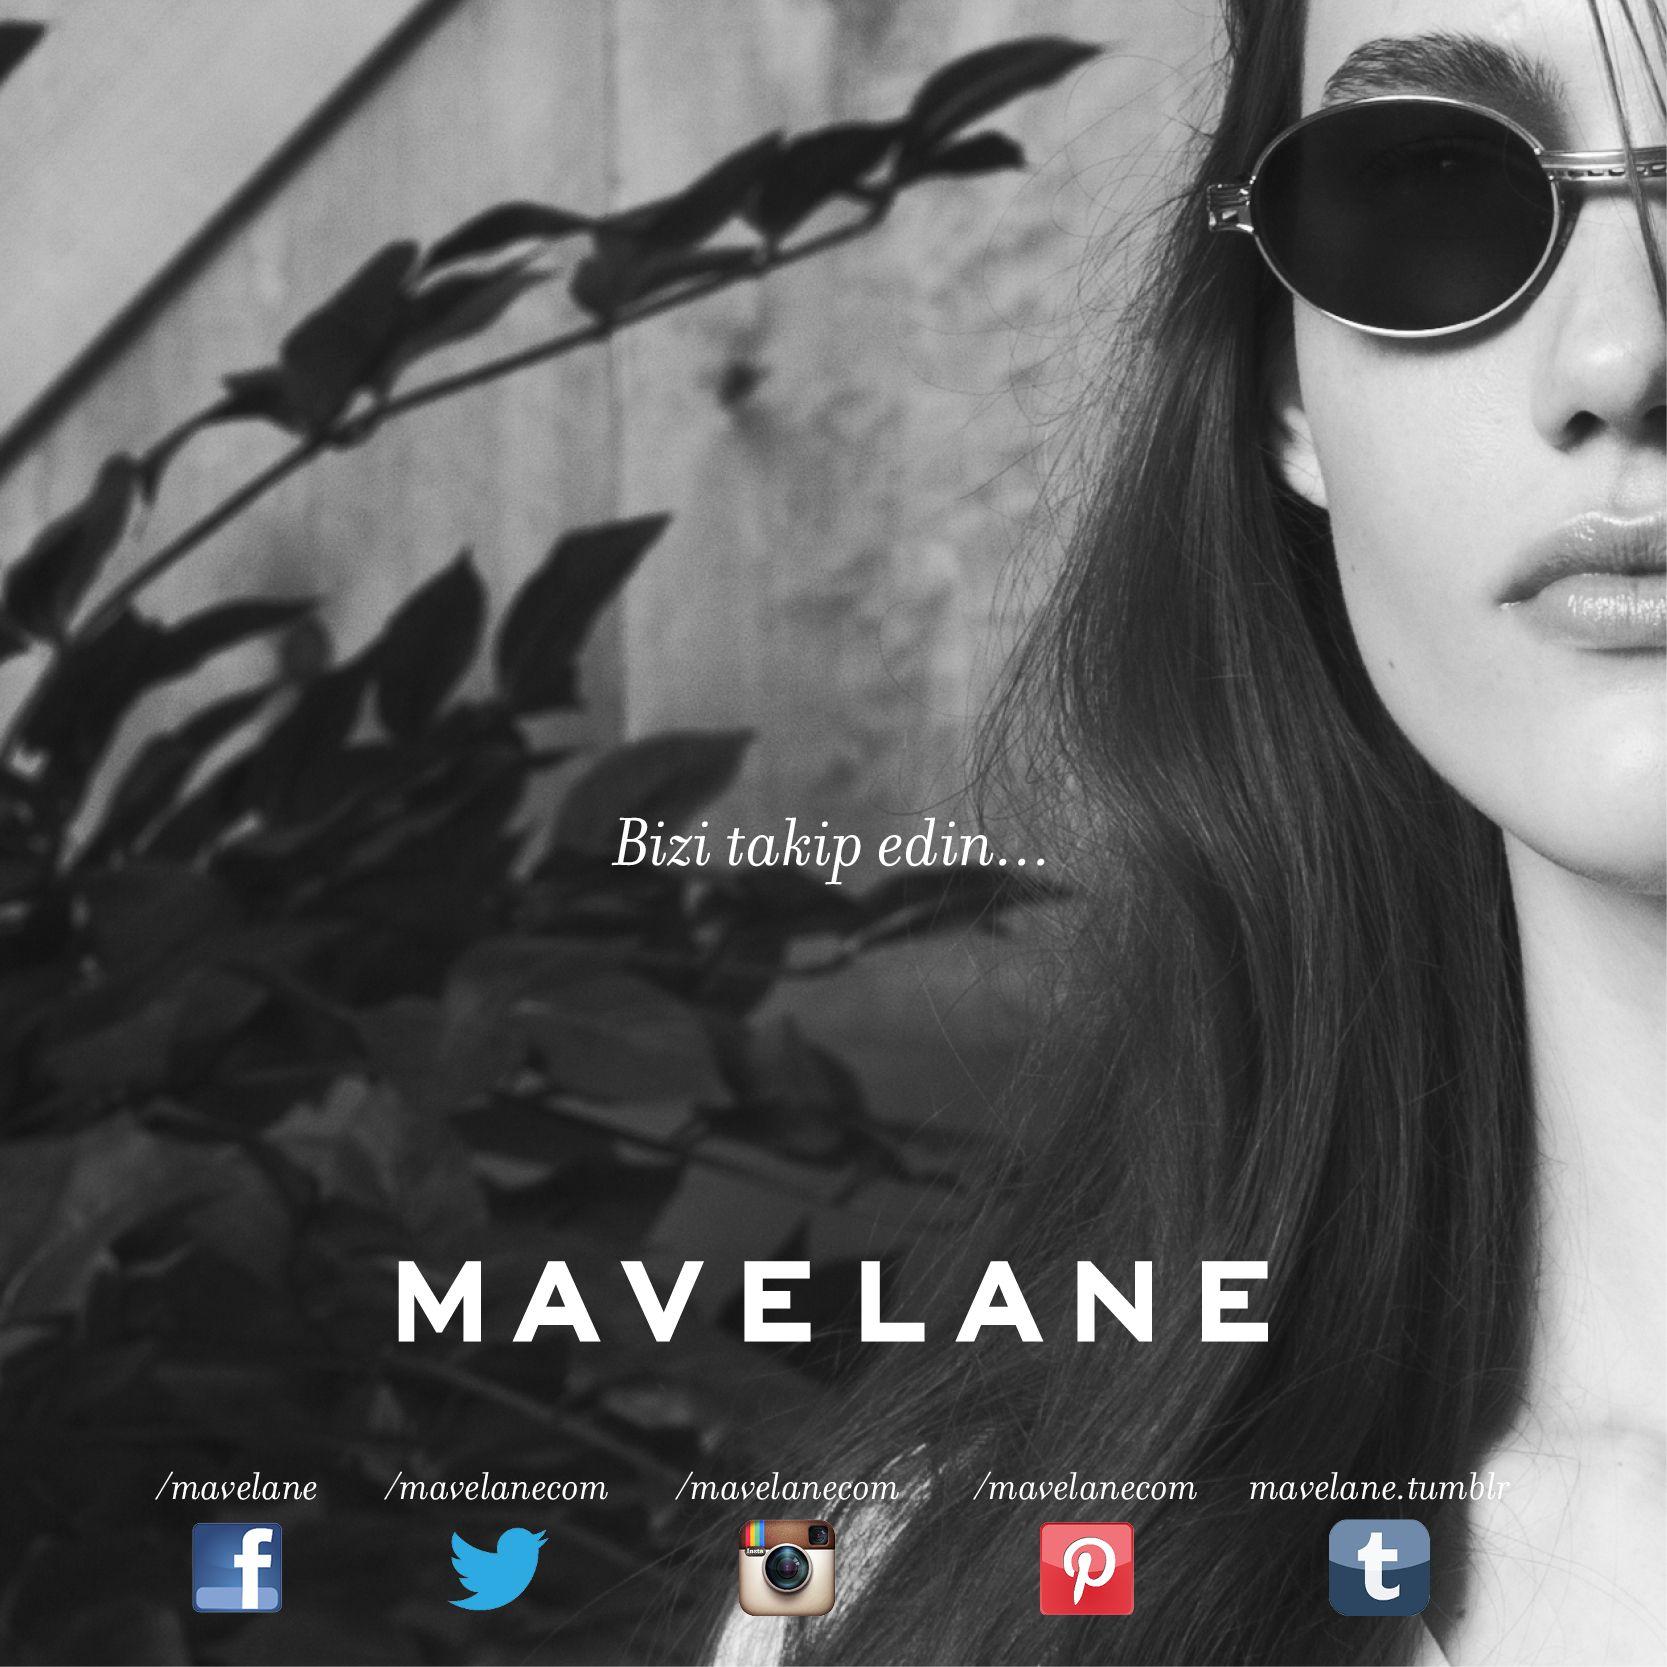 Bizi takip edin / Follow us